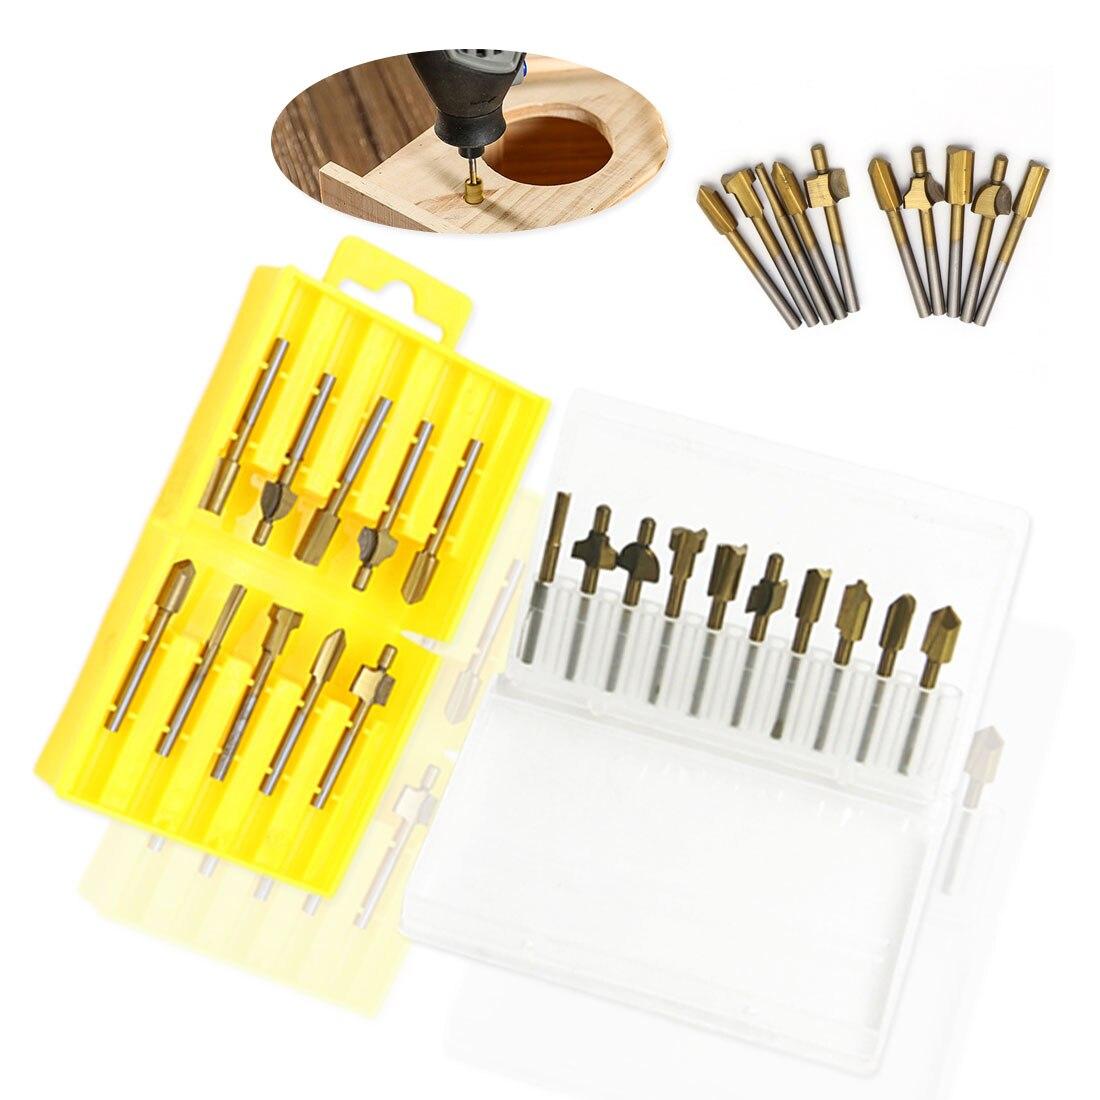 10 Pc Router Power Werkzeuge Titan-überzogene Kunststoff Boxed Gold Hhigh-geschwindigkeit Stahl Holzbearbeitung Trimmen Messer